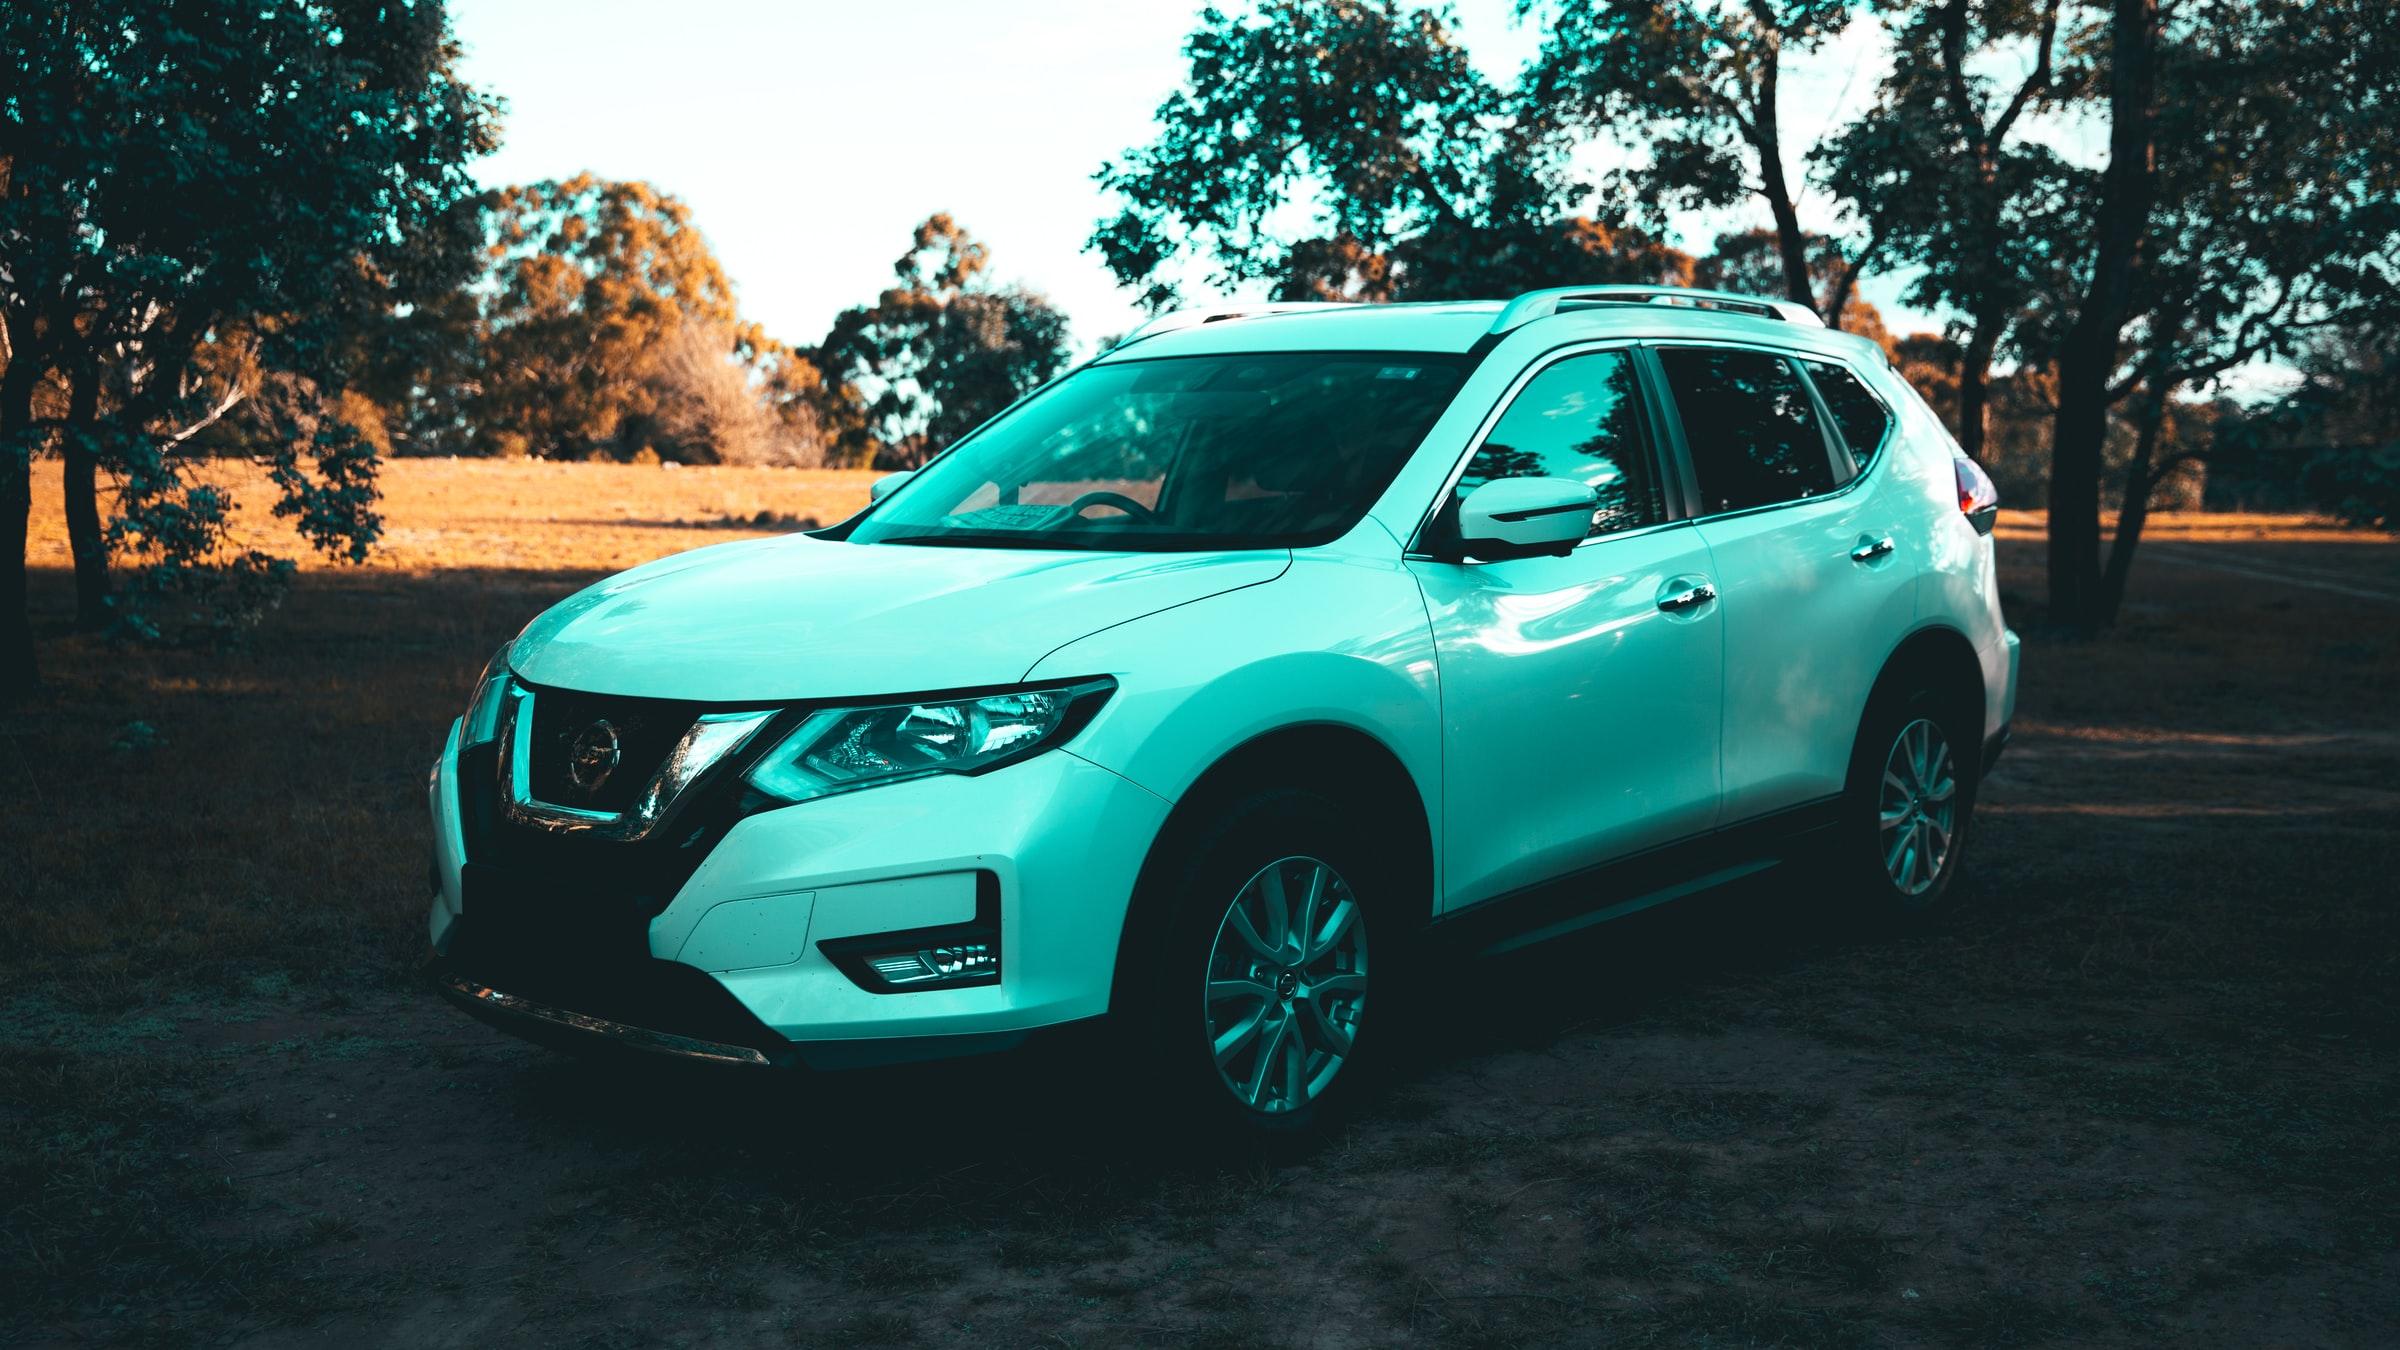 مواصفات ومحركات سيارة نيسان التيما 2020 Nissan Altima